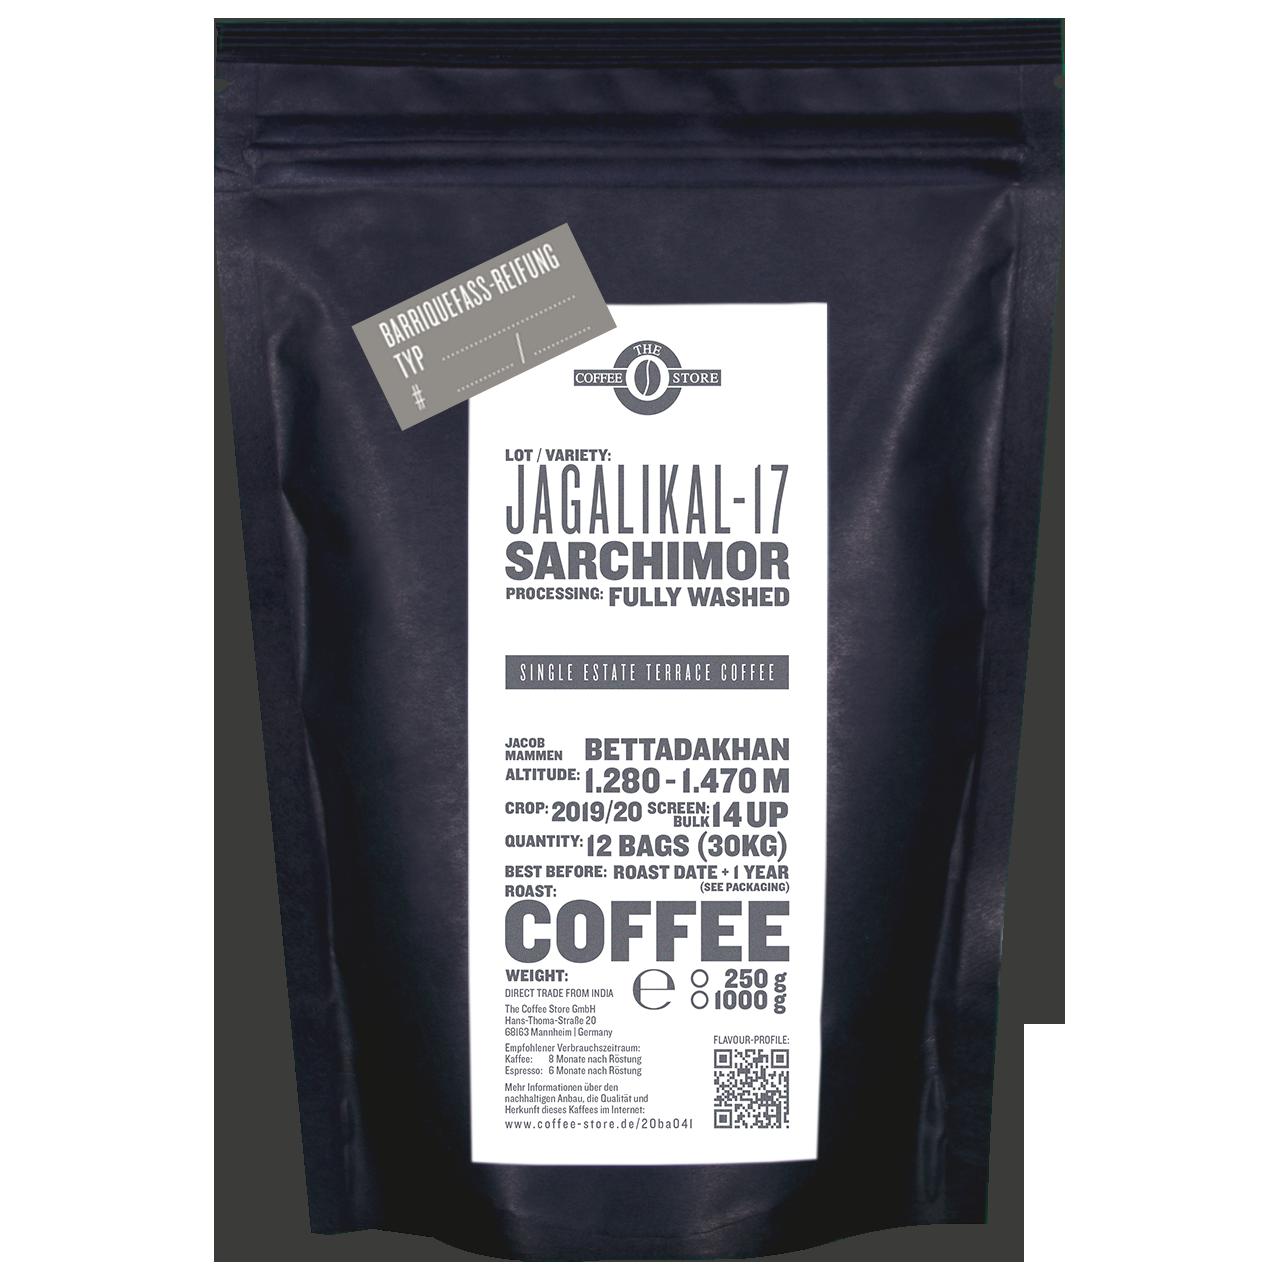 """Jagalikal-17 Fass-Reifung """"Iron Balls Gin"""" - Kaffeeröstung"""